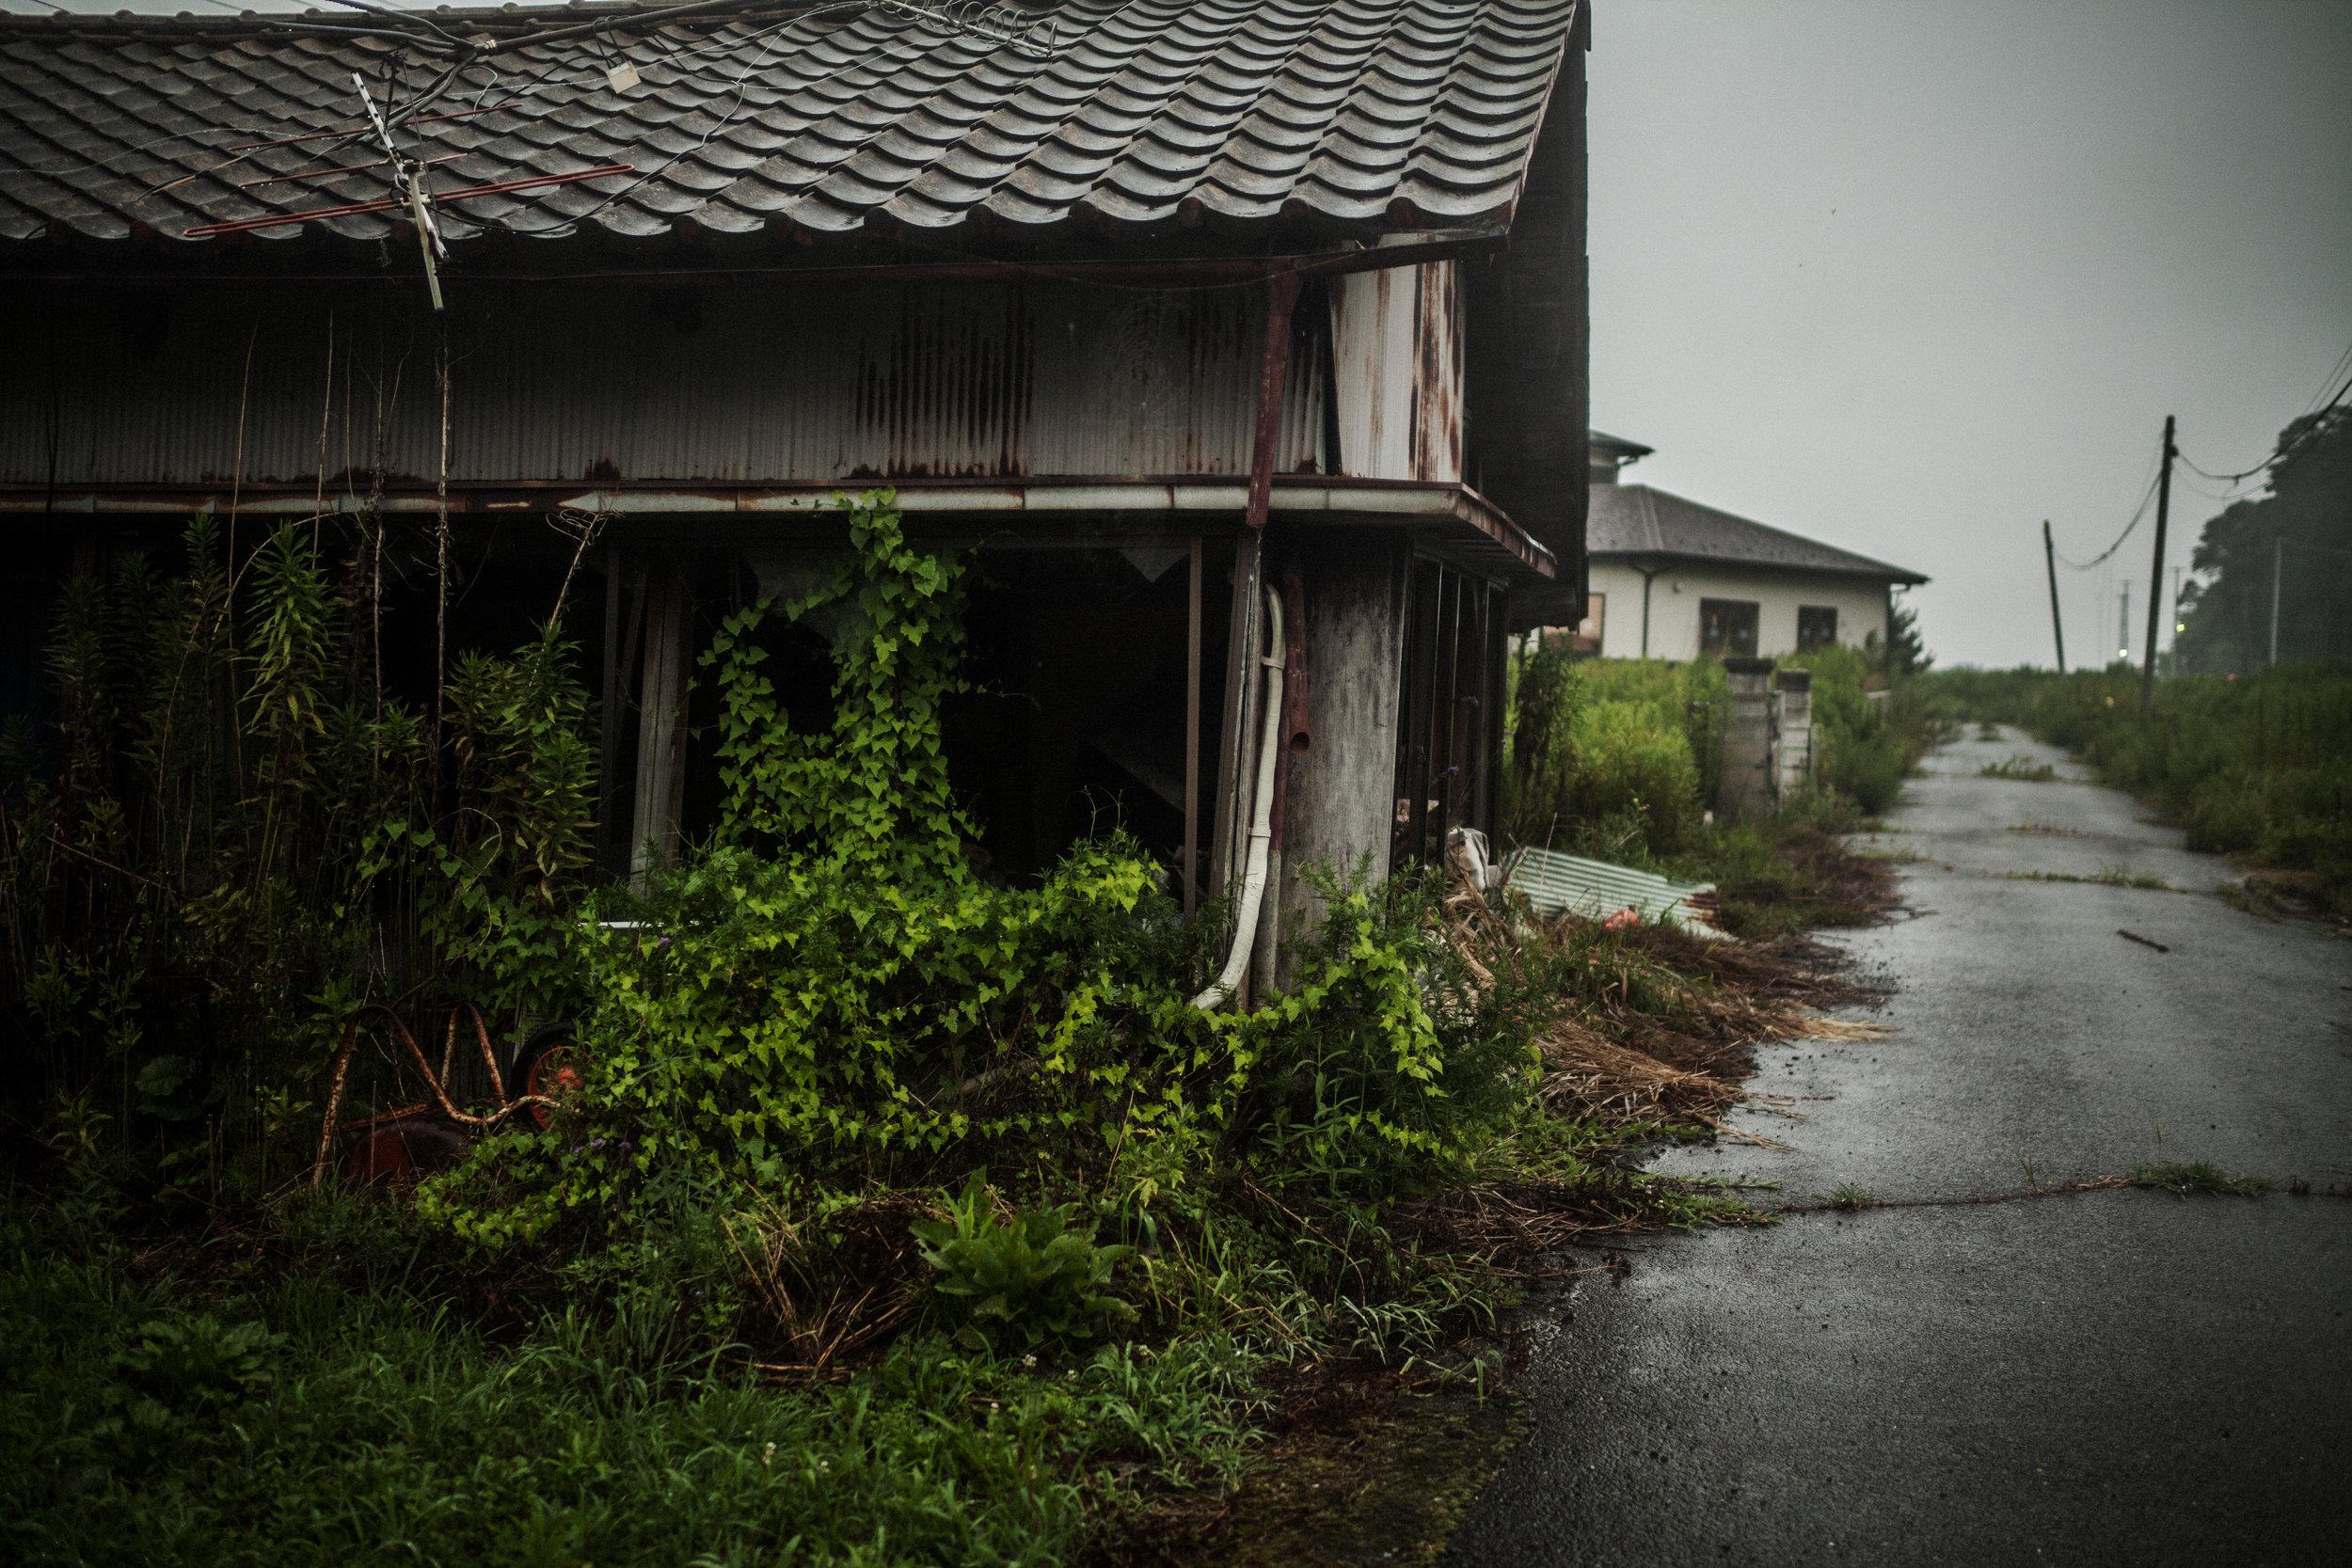 わが里は 荒れ寂びにけり 音もなく セシウムのふる 町のかなしさmy old homenow a deserted ruin–the sadness of a townwhere Cesium rains downwithout a sound - 半杭 螢子 (福島県 2011年11月)Keiko Hangui, Fukushima November 2011